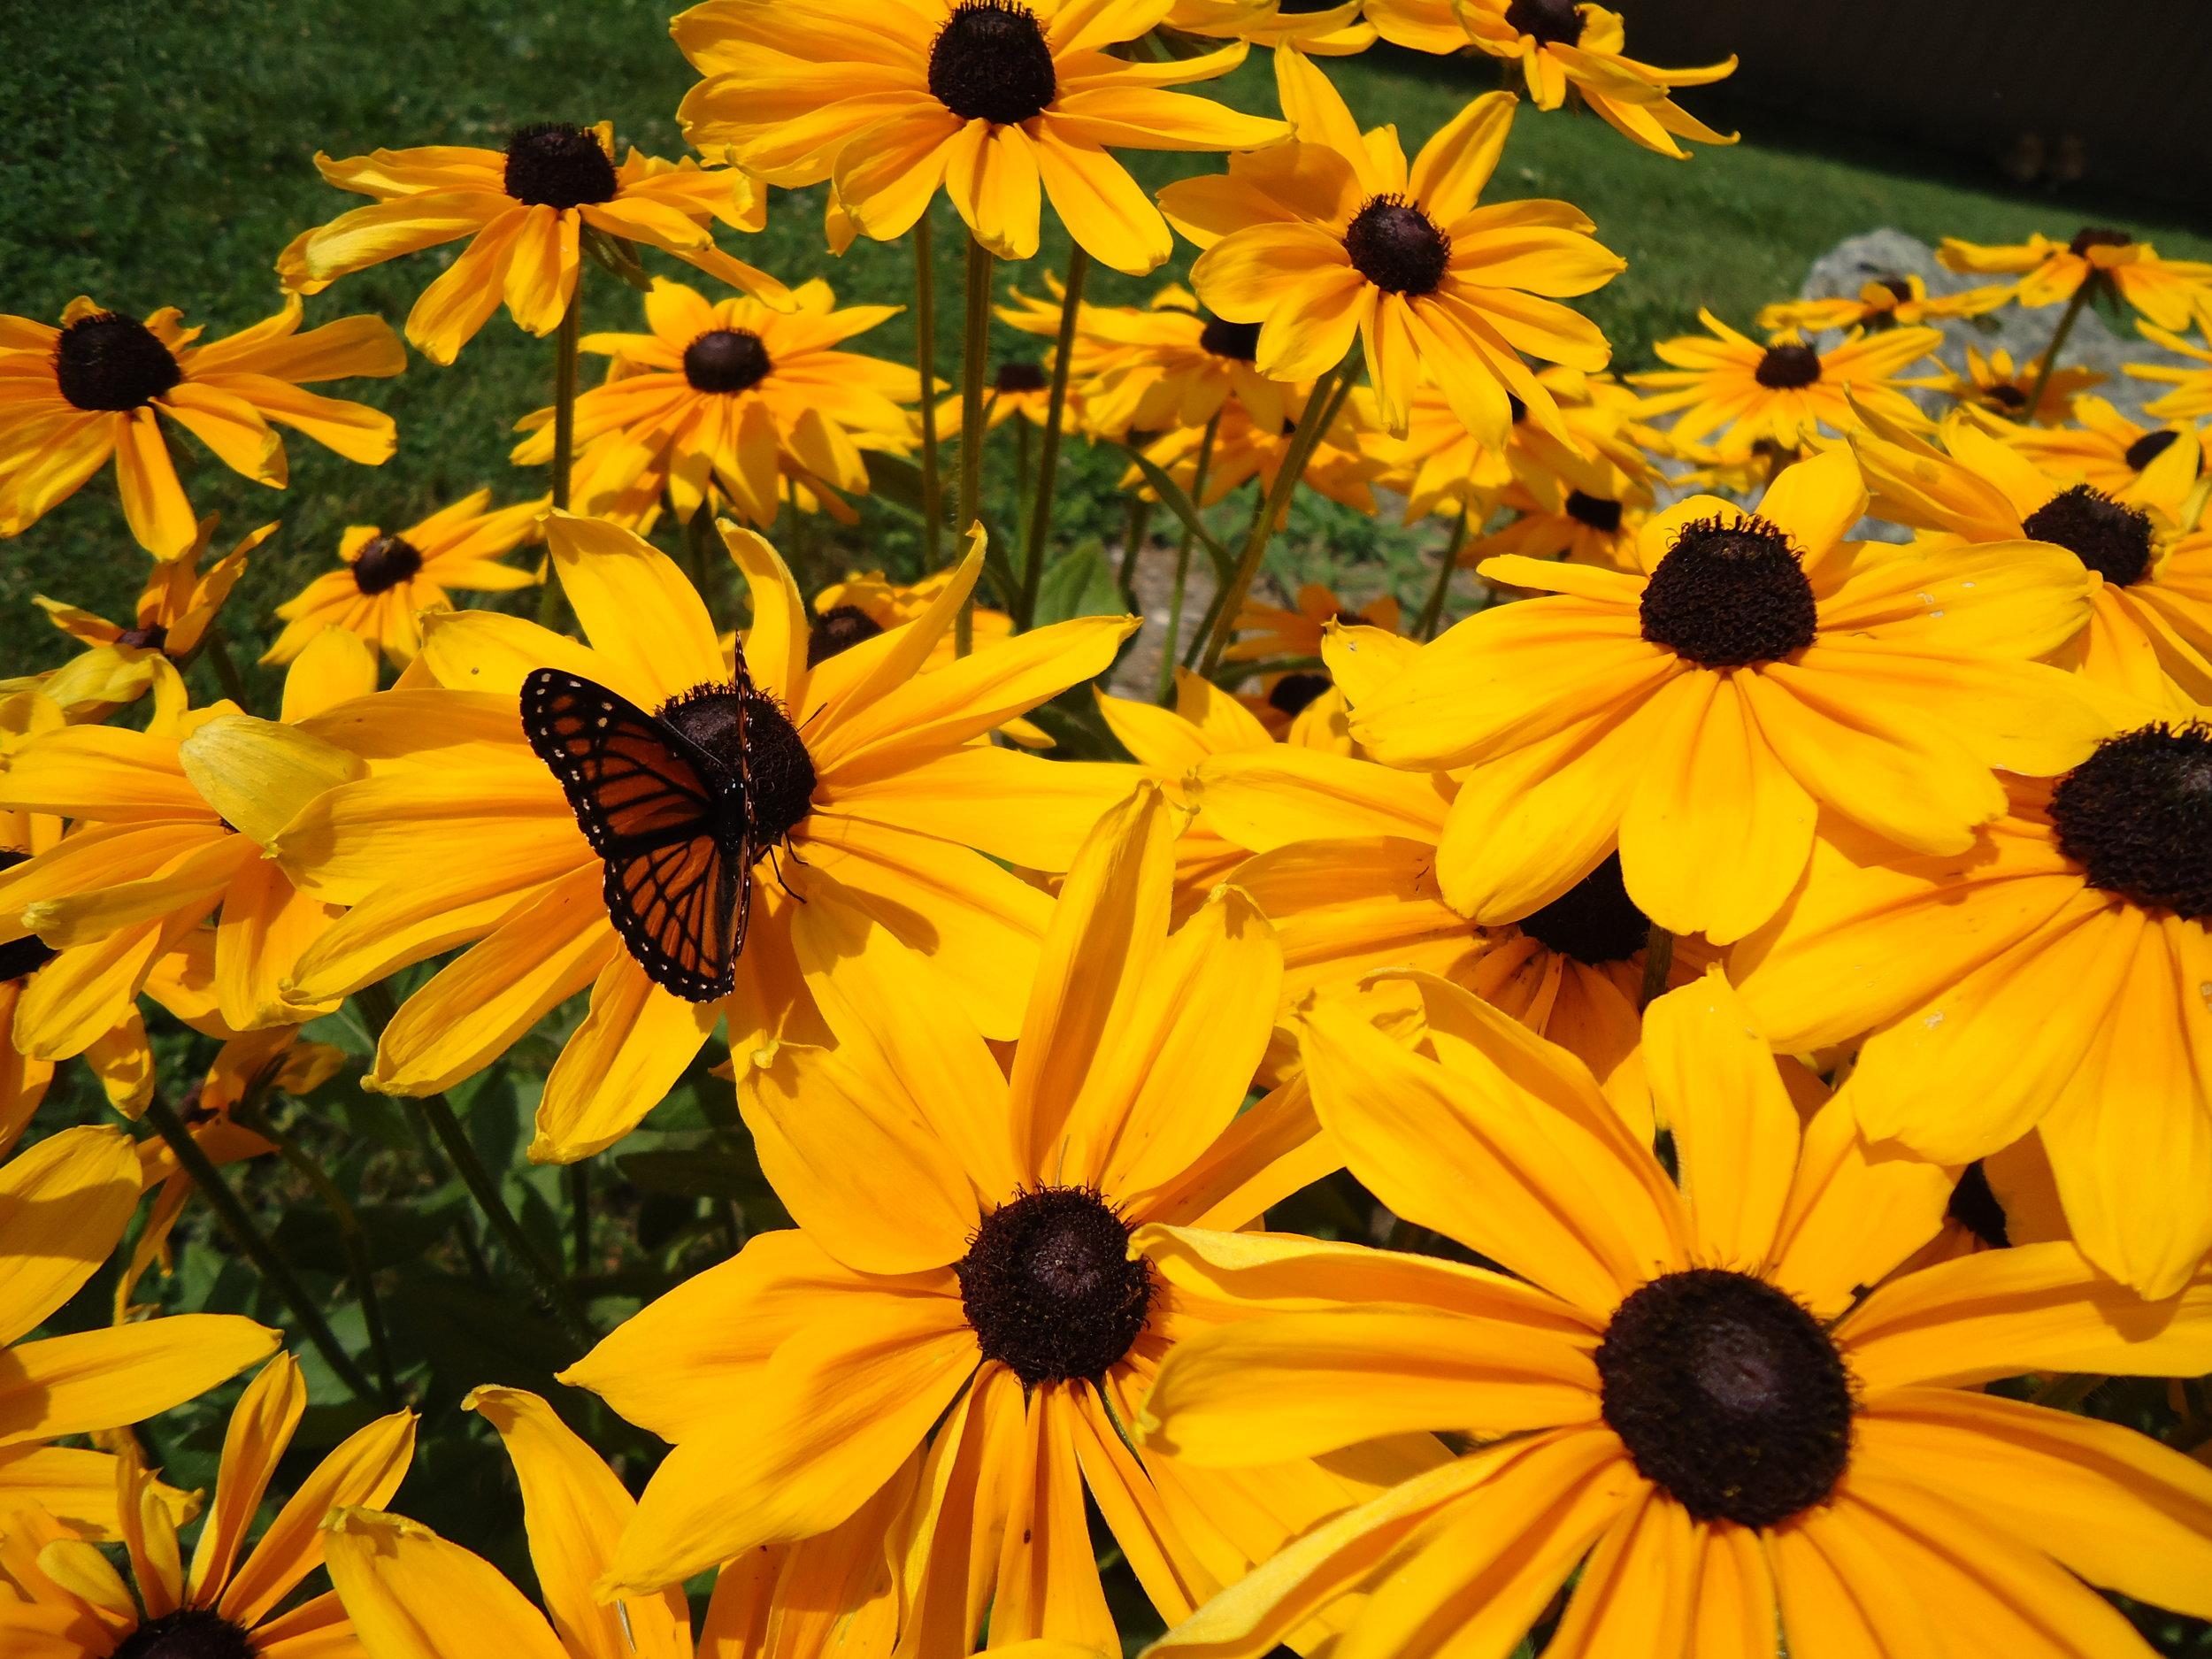 Echincea w butterfly.jpeg